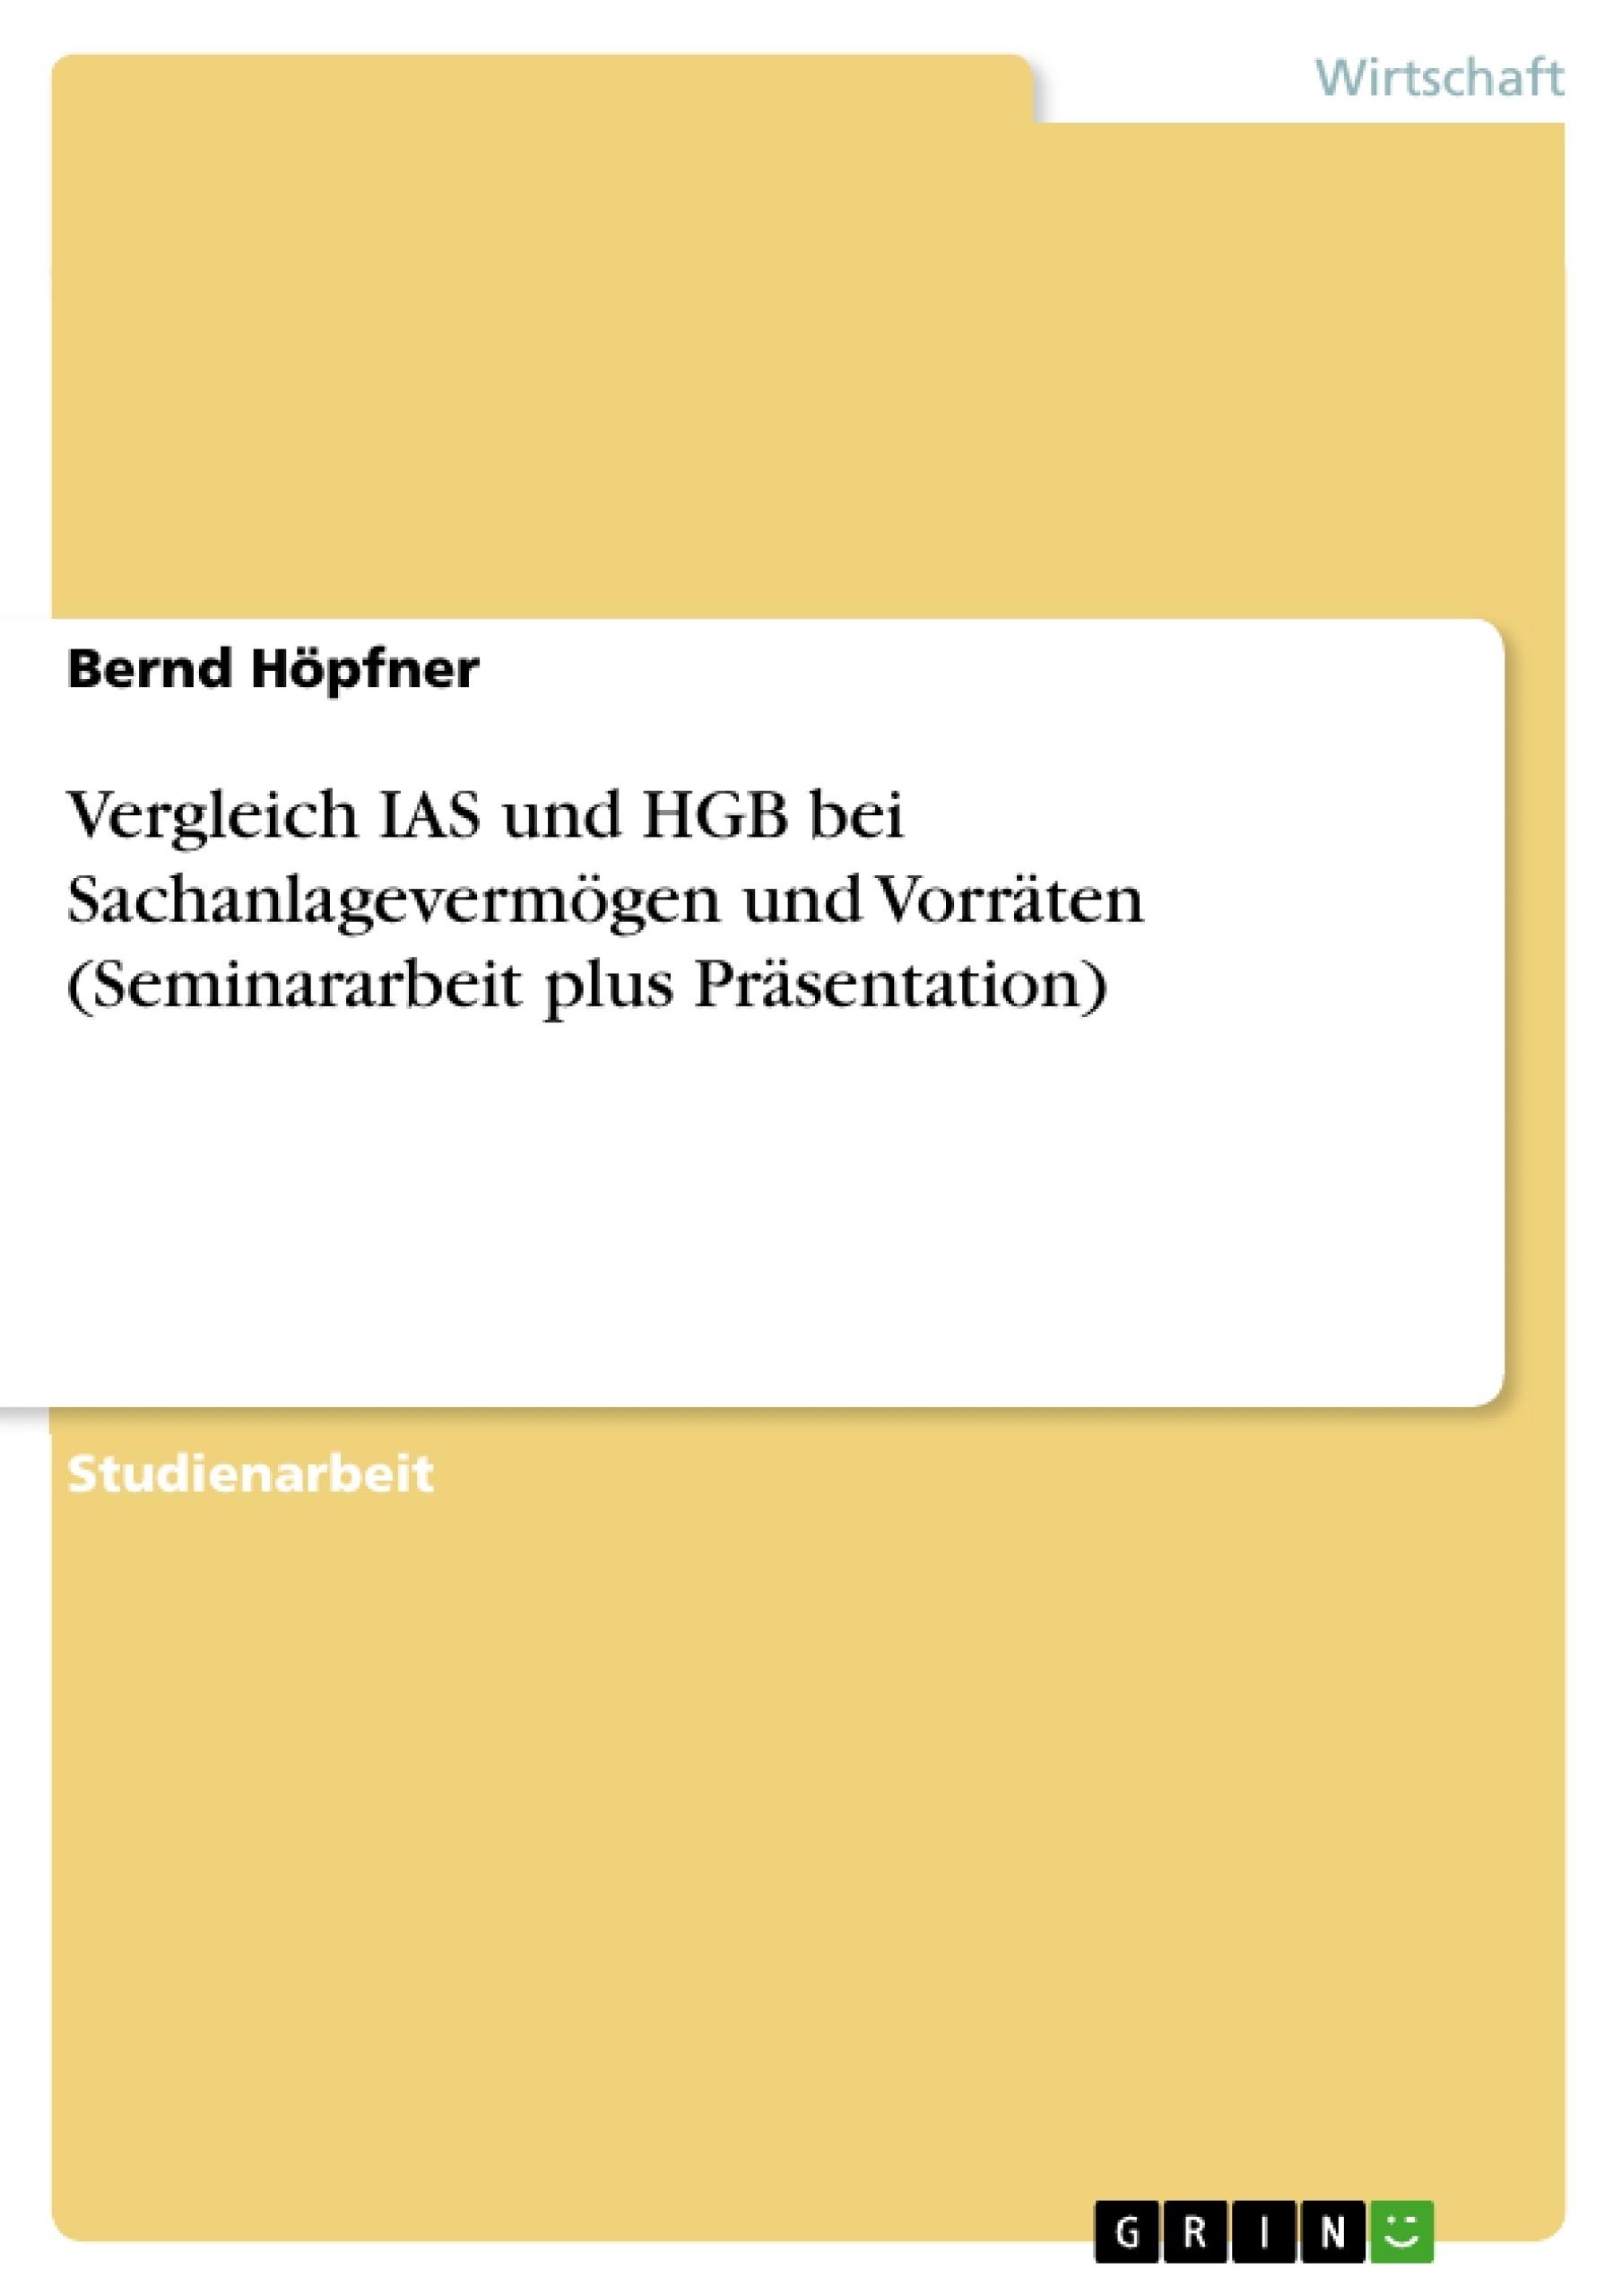 Titel: Vergleich IAS und HGB bei Sachanlagevermögen und Vorräten (Seminararbeit plus Präsentation)